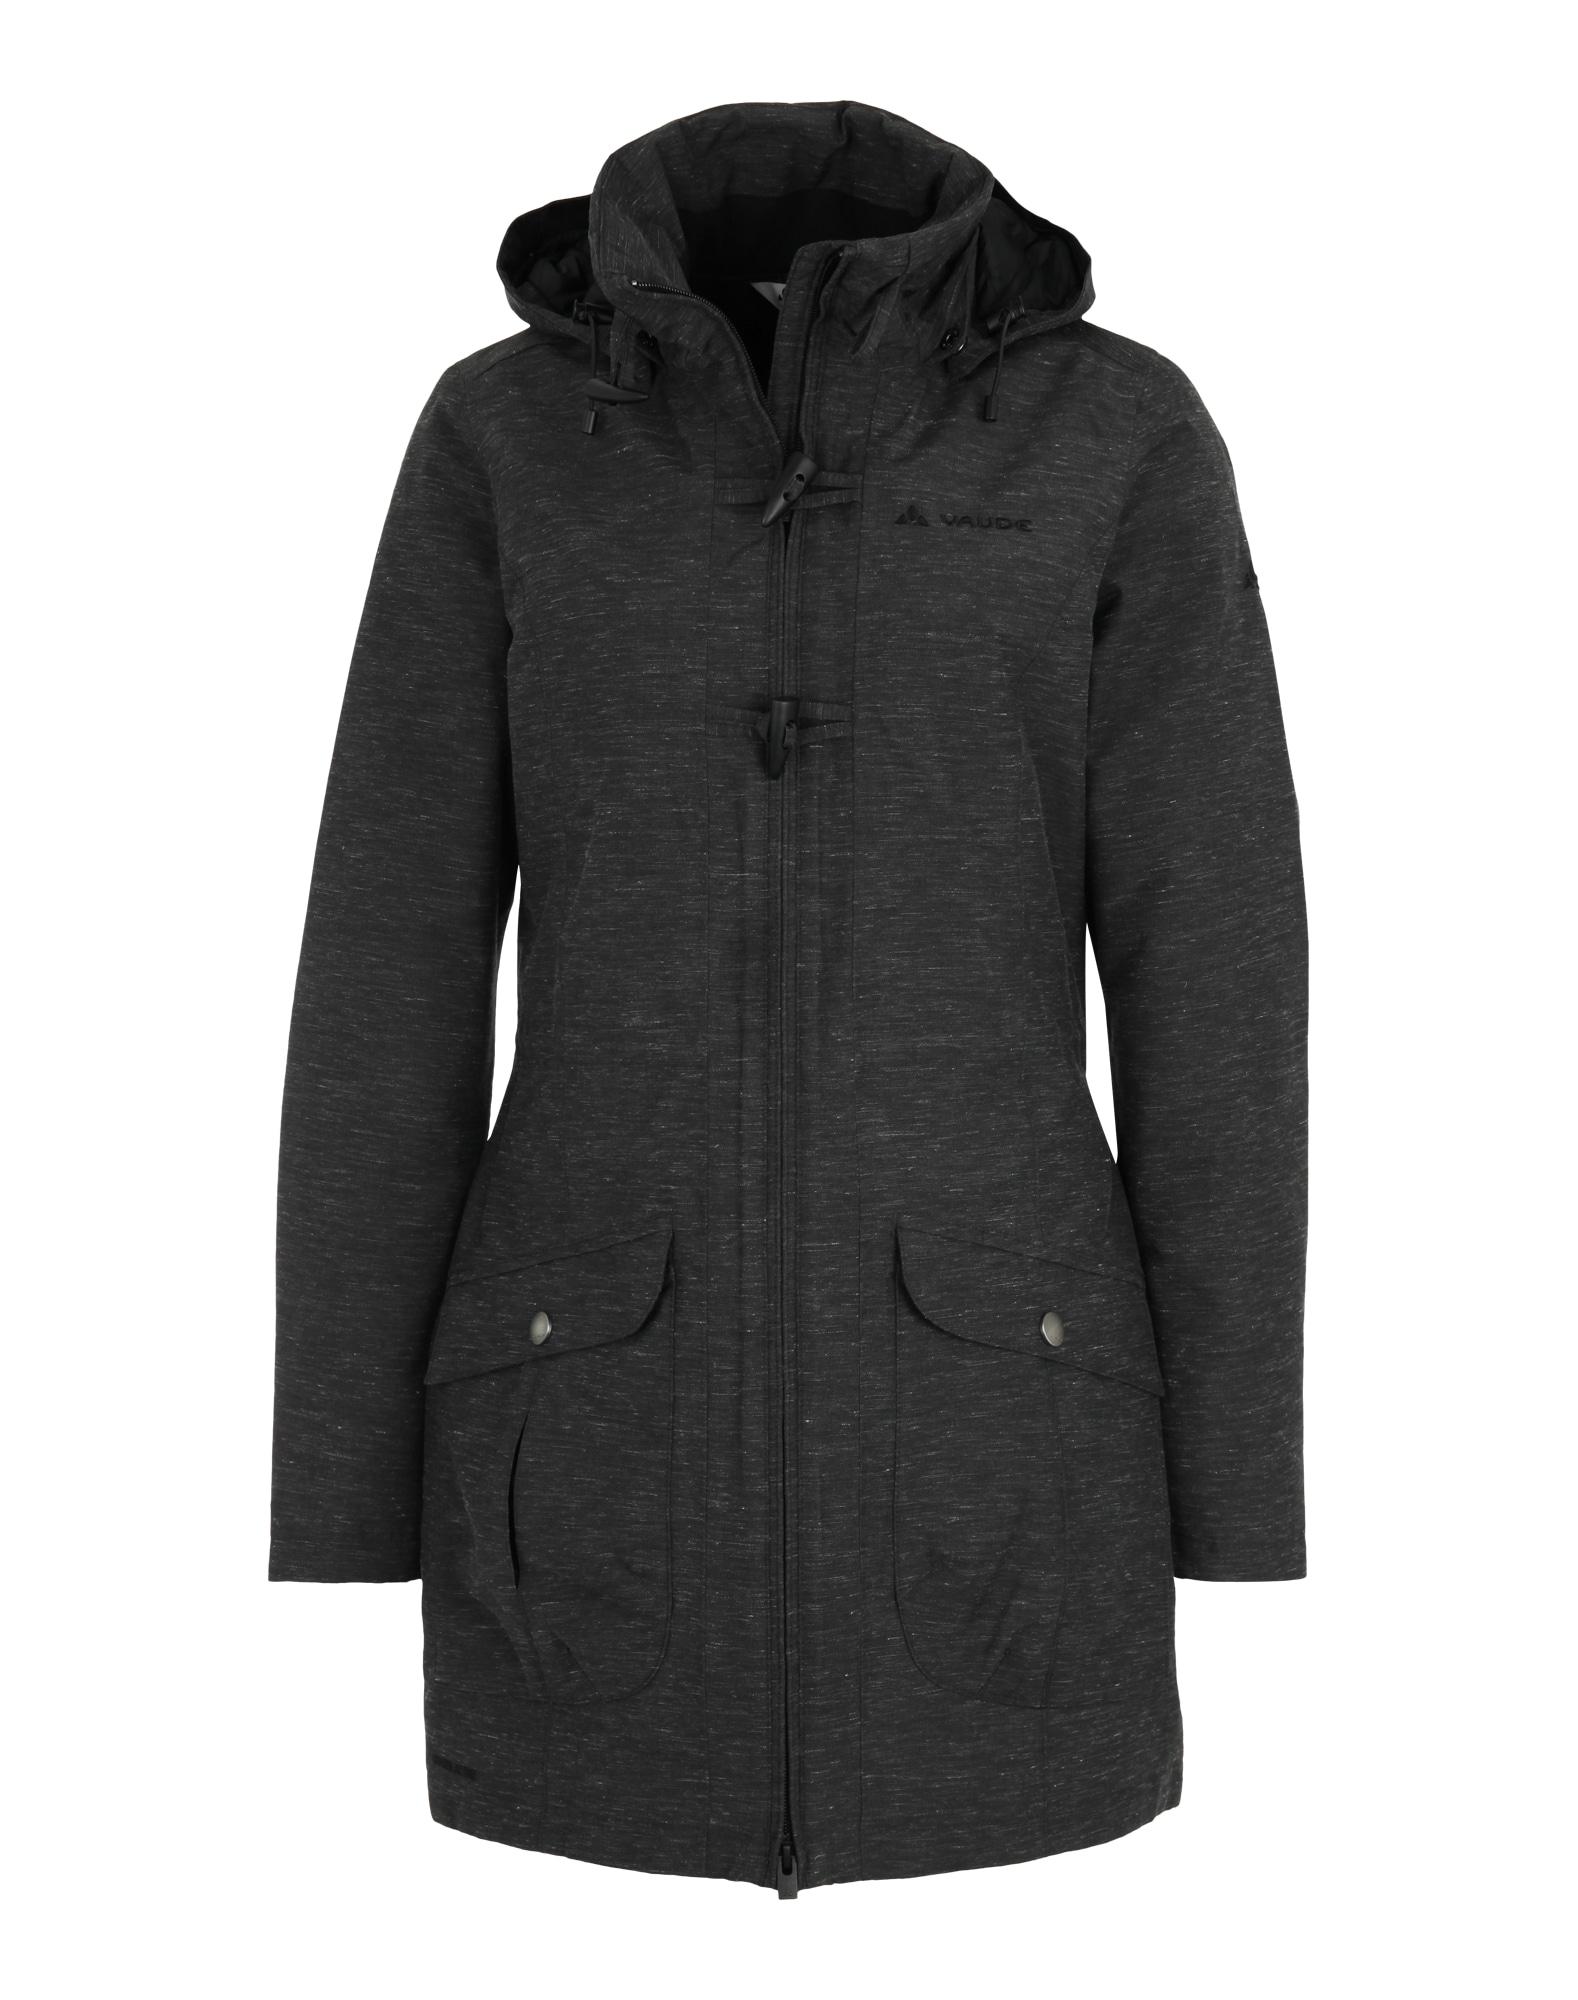 Outdoorová bunda Ceduna černá VAUDE